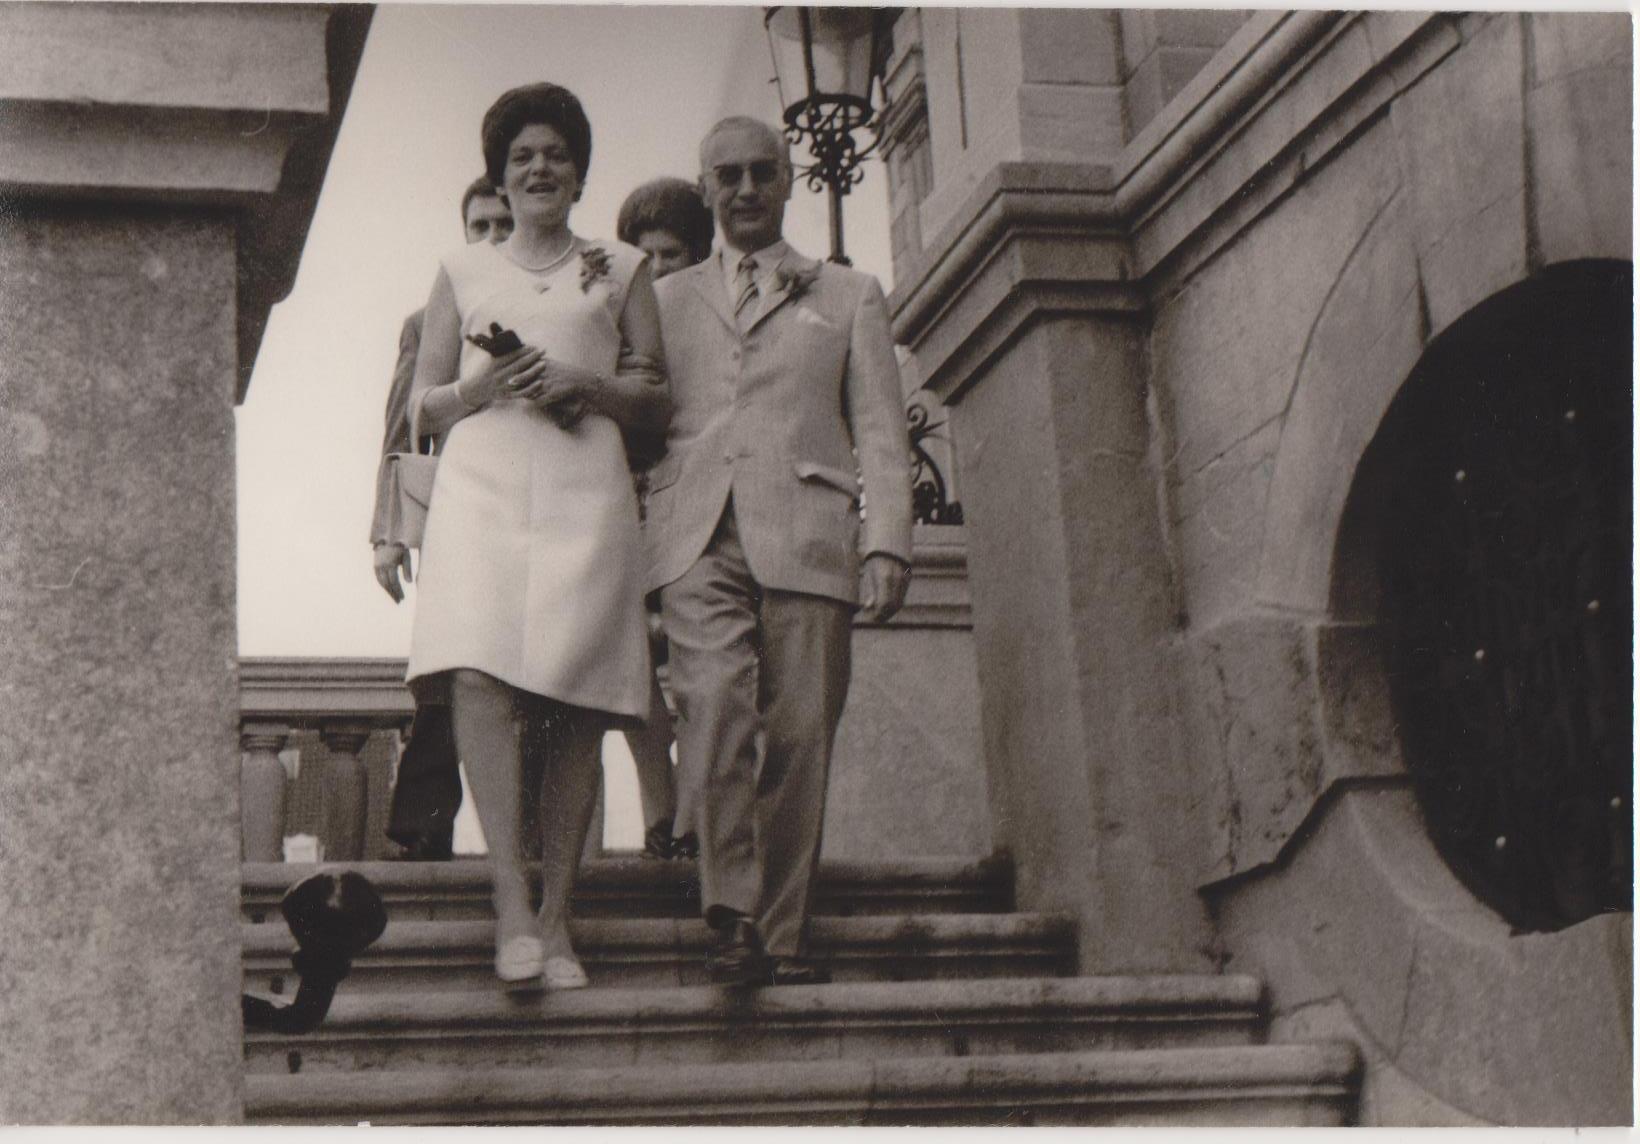 Huwelijk 1971 Leendert HW Keijzer (1912-1990) & Anna H Bus (1927-2013)